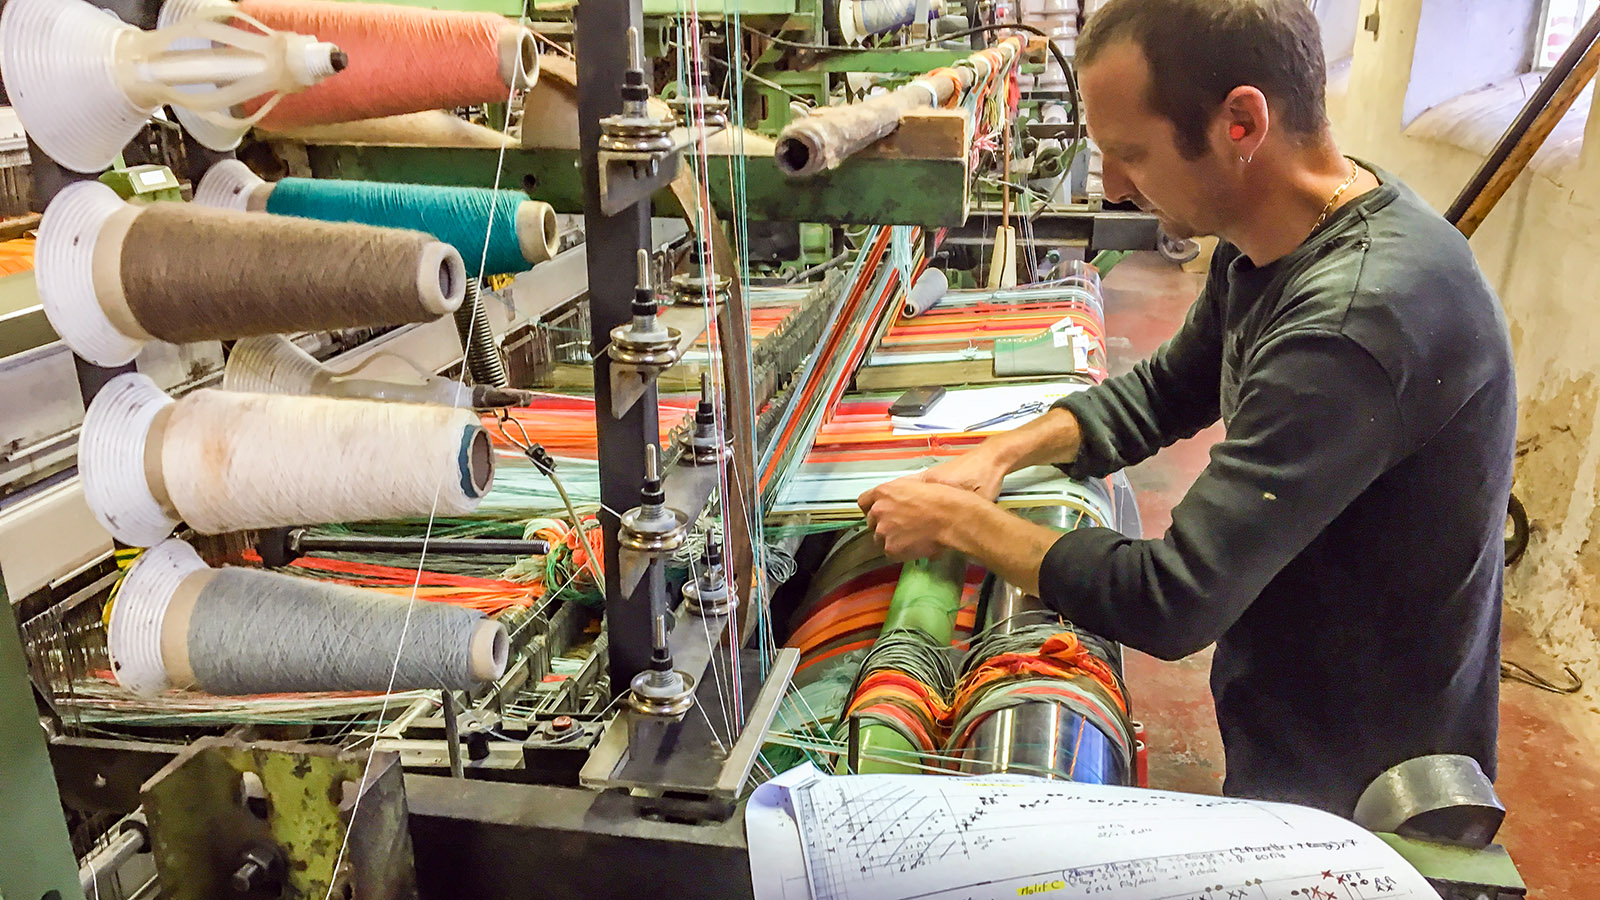 Toiles du Soleil: Trotz der Maschinen - noch vieles ist Handarbeit. Foto: Hilke Maunder